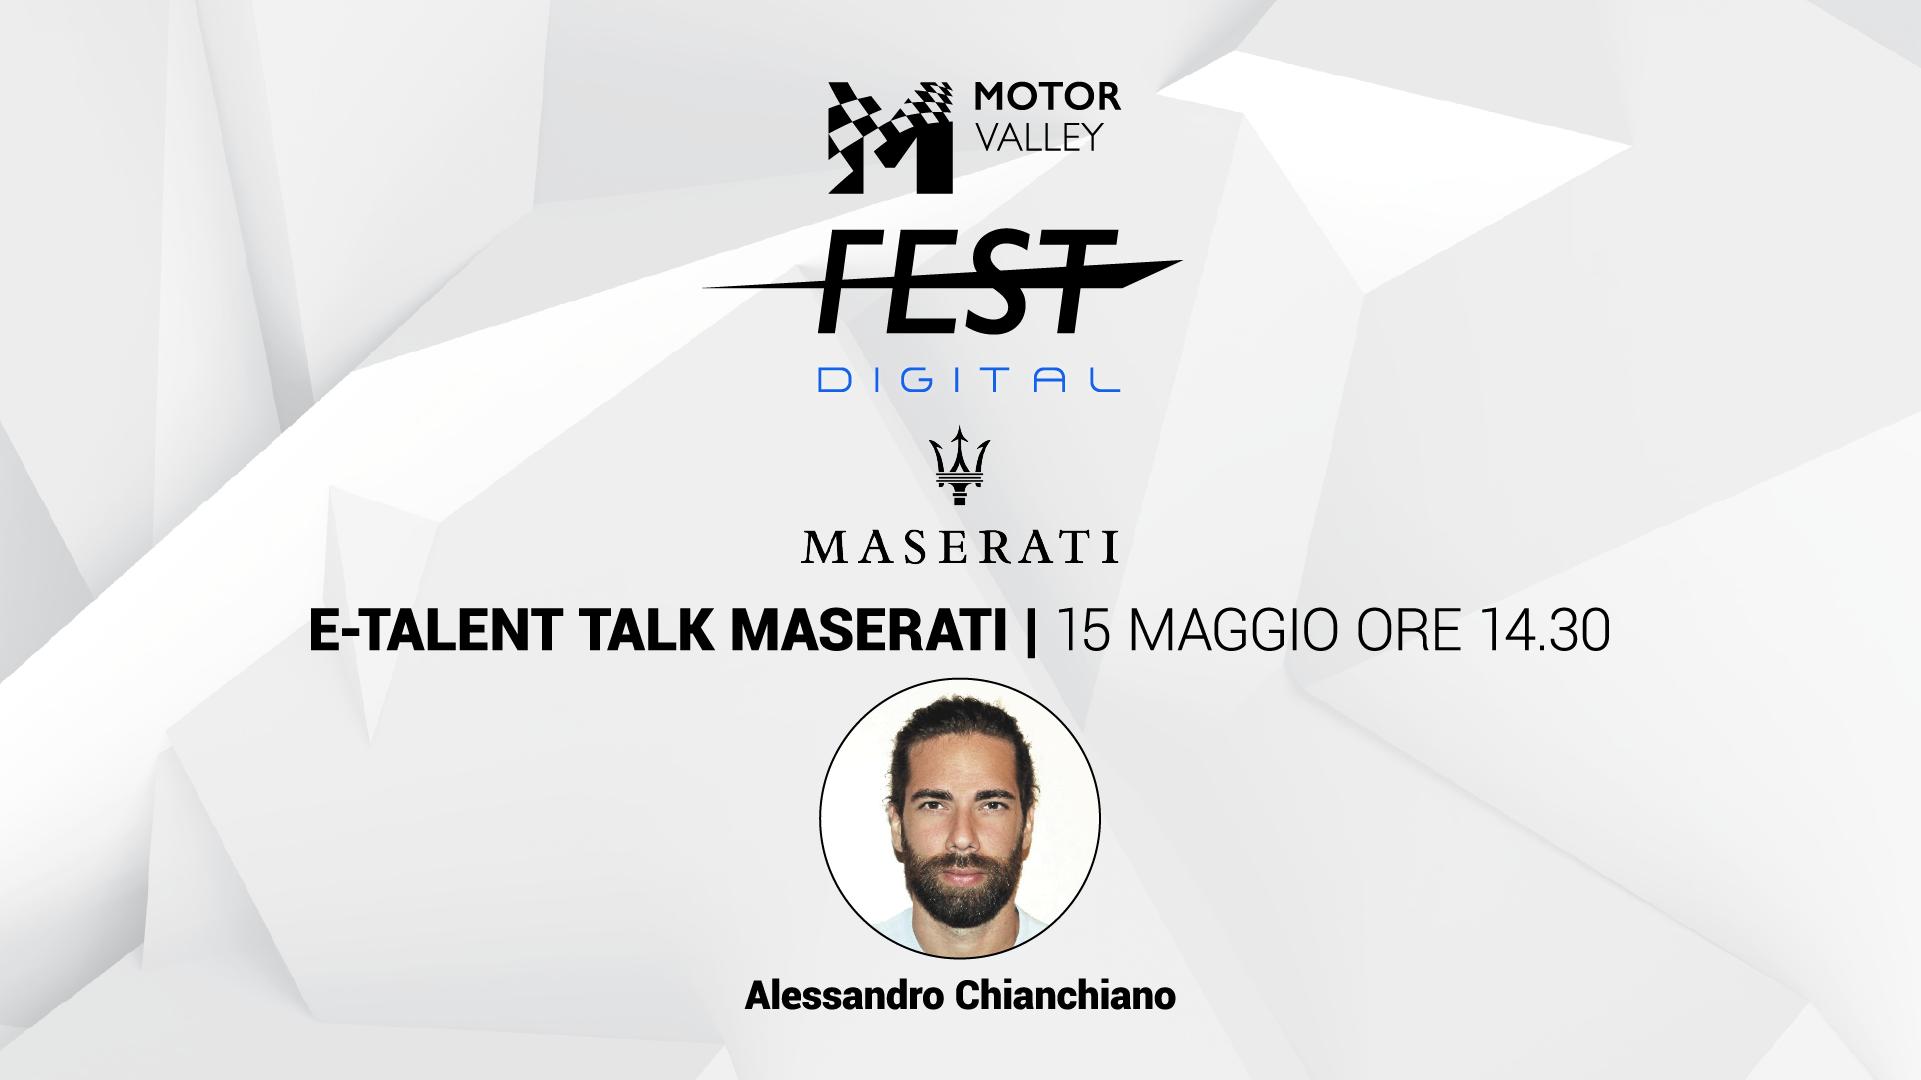 E-Talent Talk - Maserati